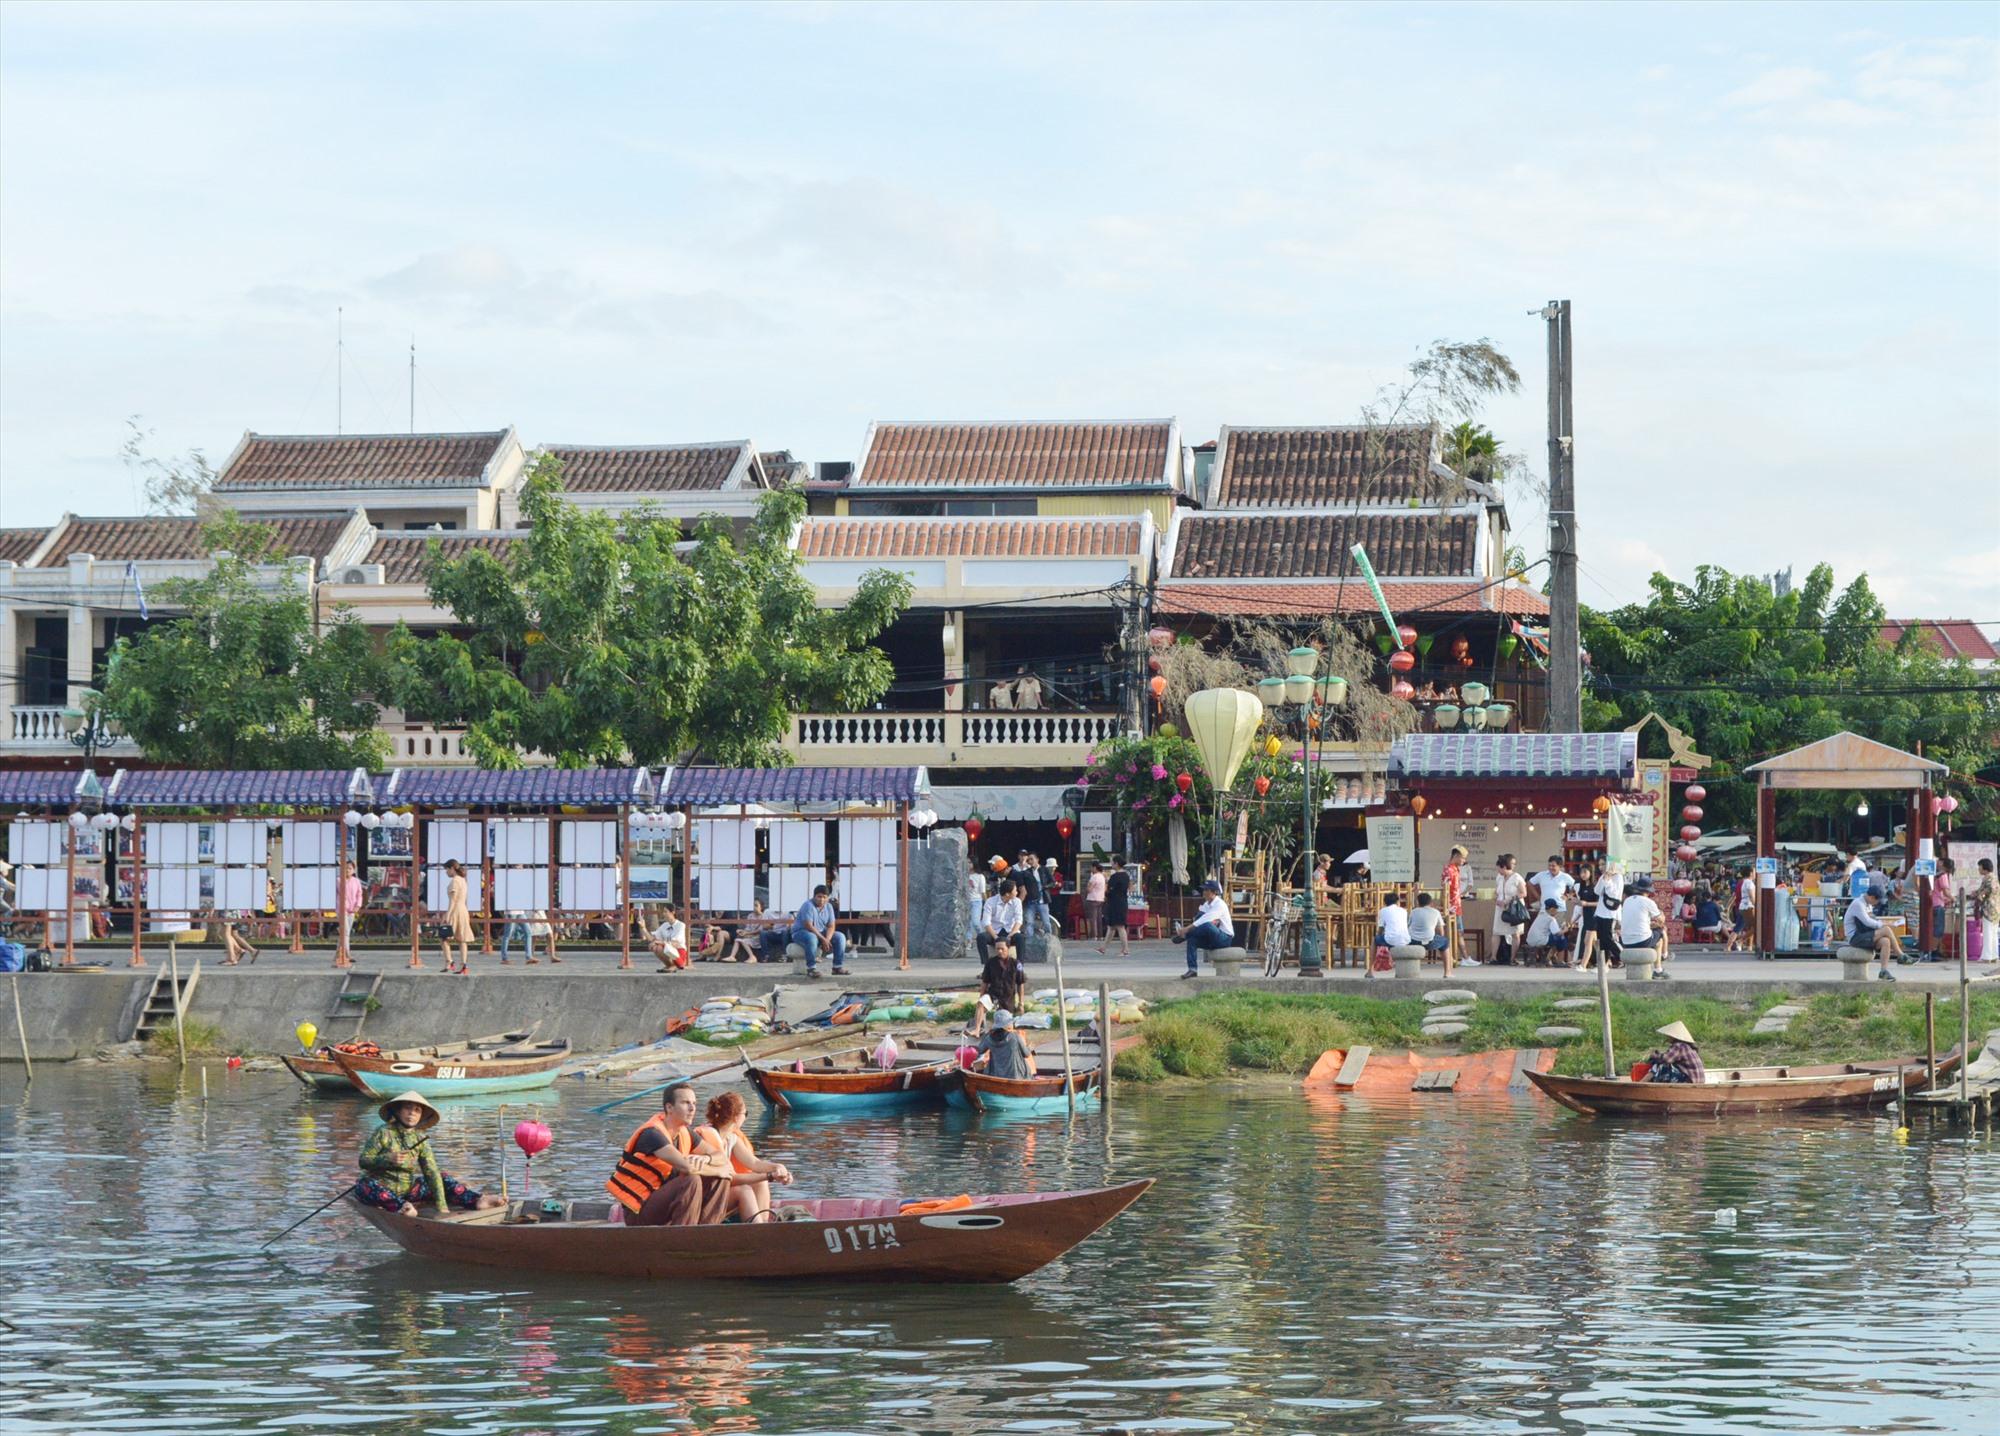 Du lịch Quảng Nam đã xác định vị trí trên bản đồ du lịch Việt Nam. Ành: V.LỘC